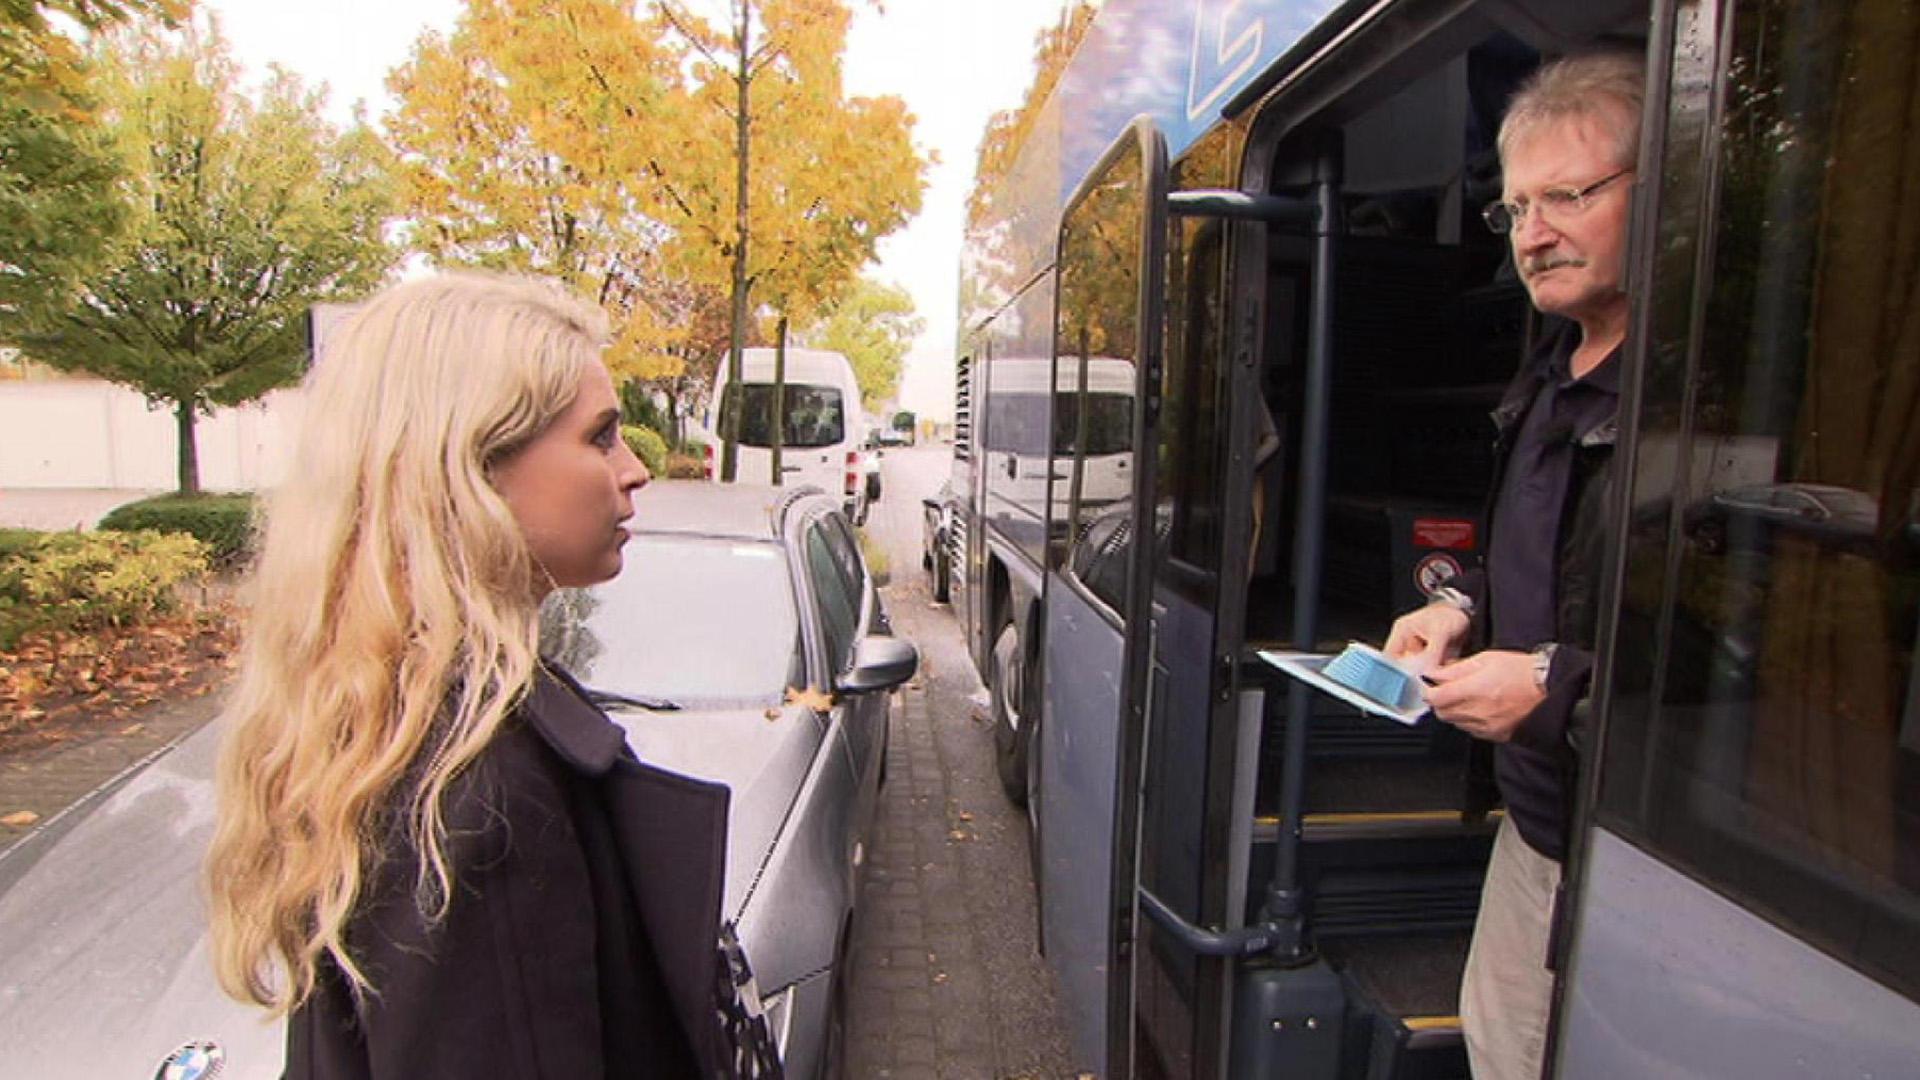 Manager schlittert durch Busfahrer in Lebenskrise | Folge 108